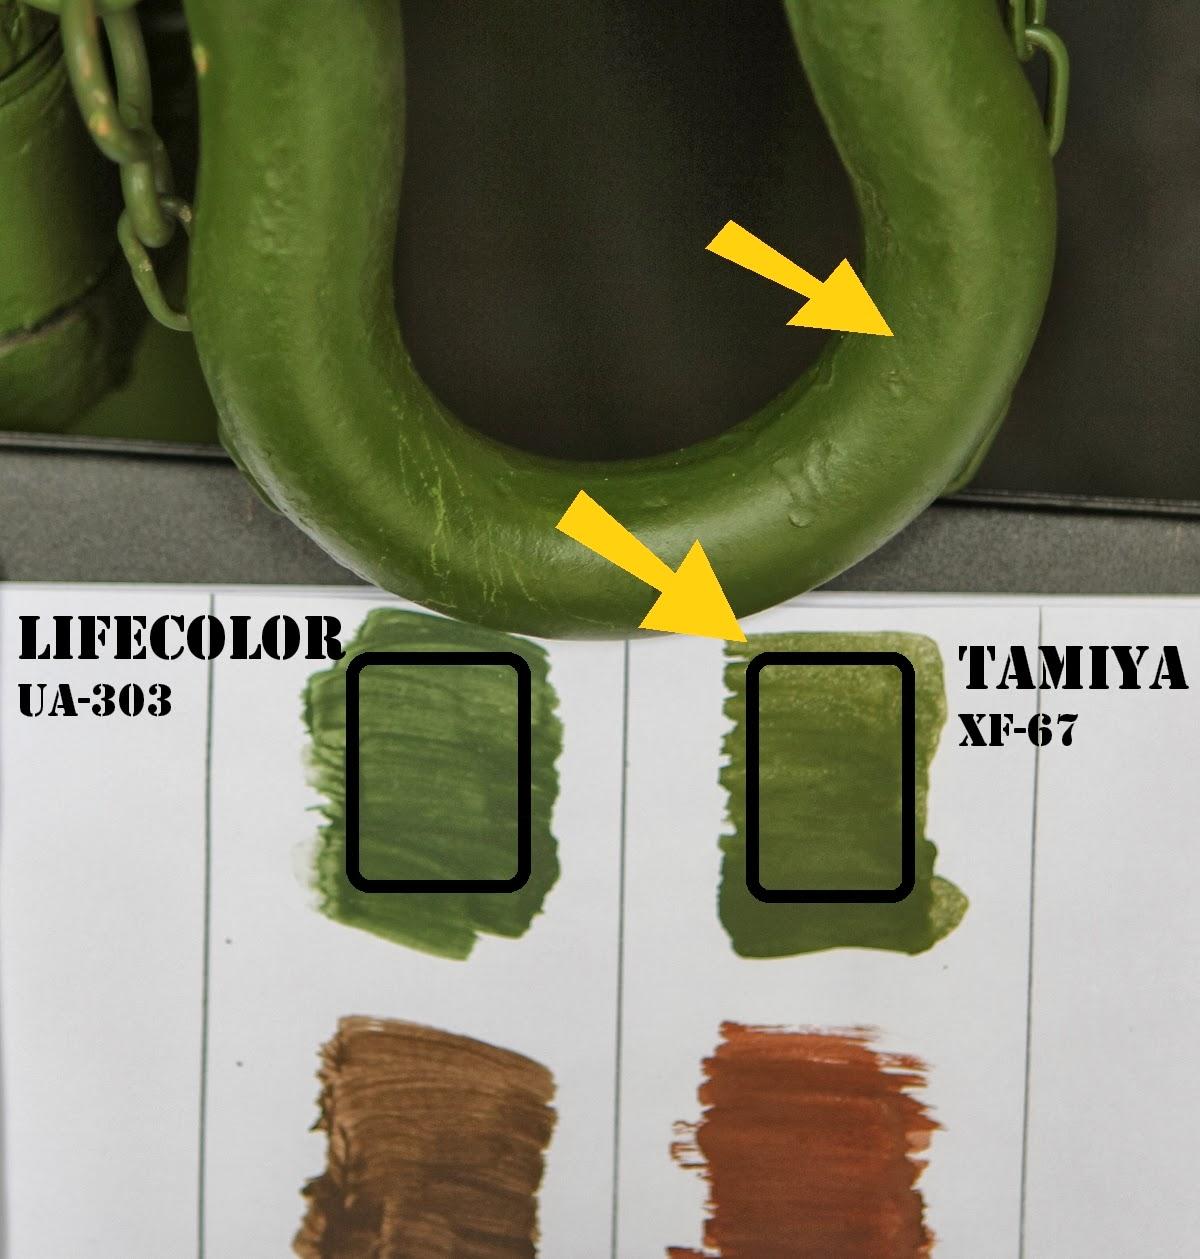 Vert otan : tamiya xf-67 est plus proche au niveau teinte de la vrai